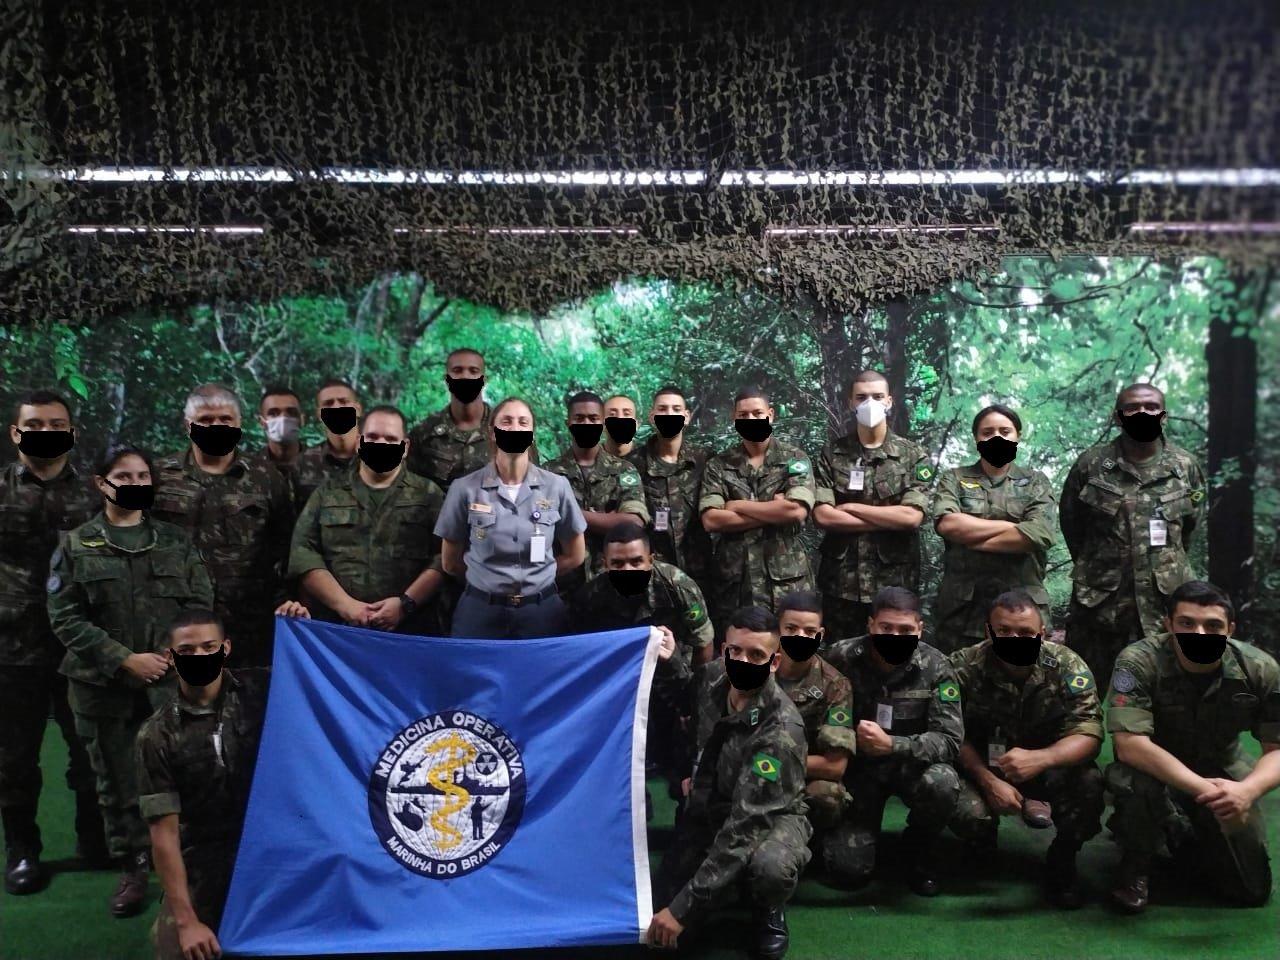 IMAGEM: Site do Exército desenha digitalmente máscaras em foto de militares